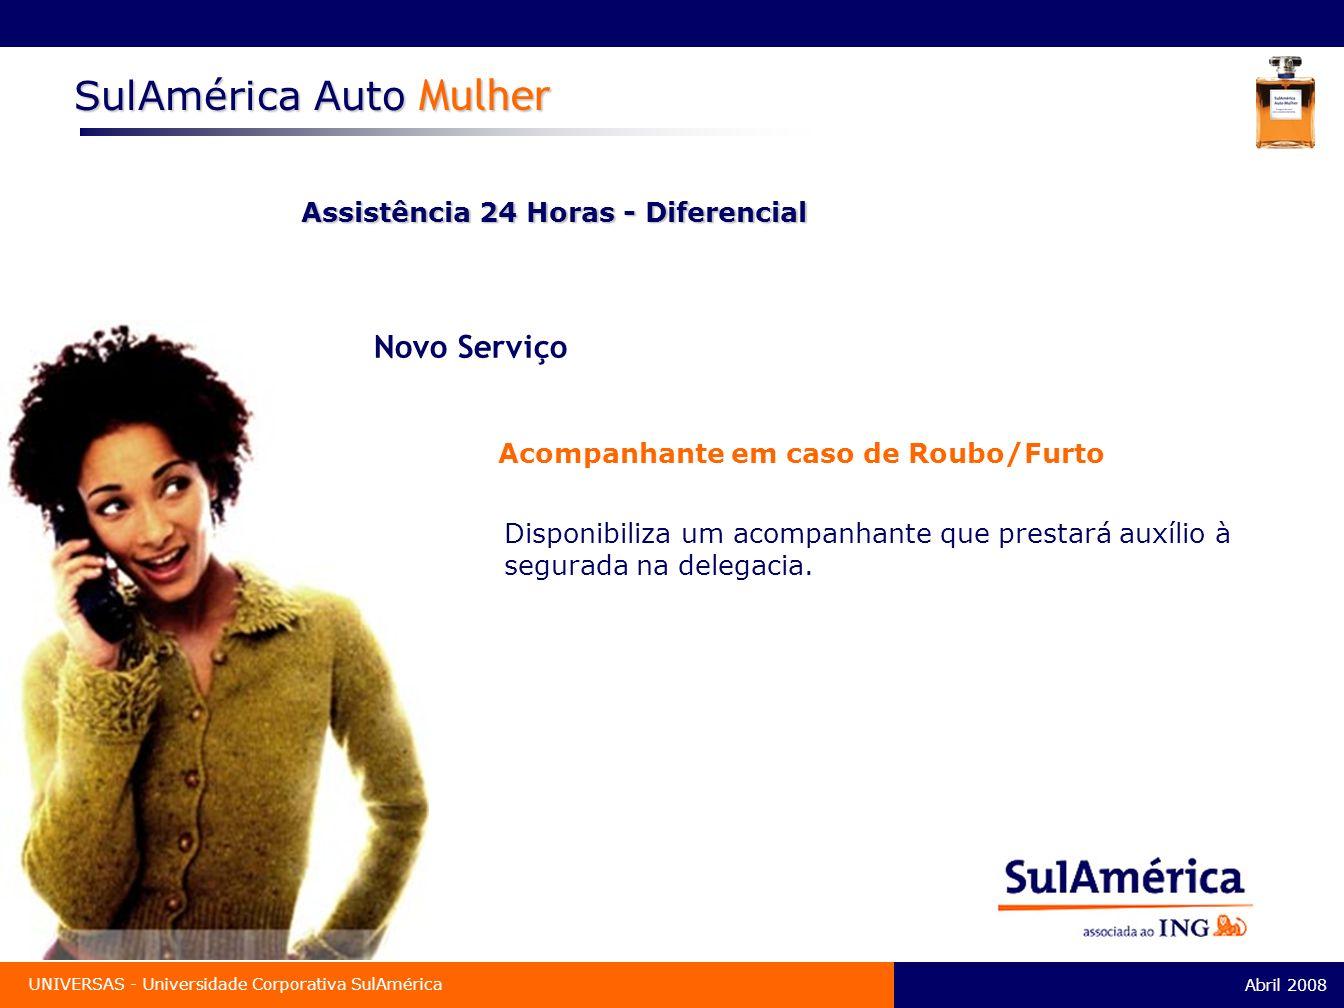 Abril 2008 UNIVERSAS - Universidade Corporativa SulAmérica SulAmérica Auto Mulher Assistência 24 Horas - Diferencial Novo Serviço Acompanhante em caso de Roubo/Furto Disponibiliza um acompanhante que prestará auxílio à segurada na delegacia.